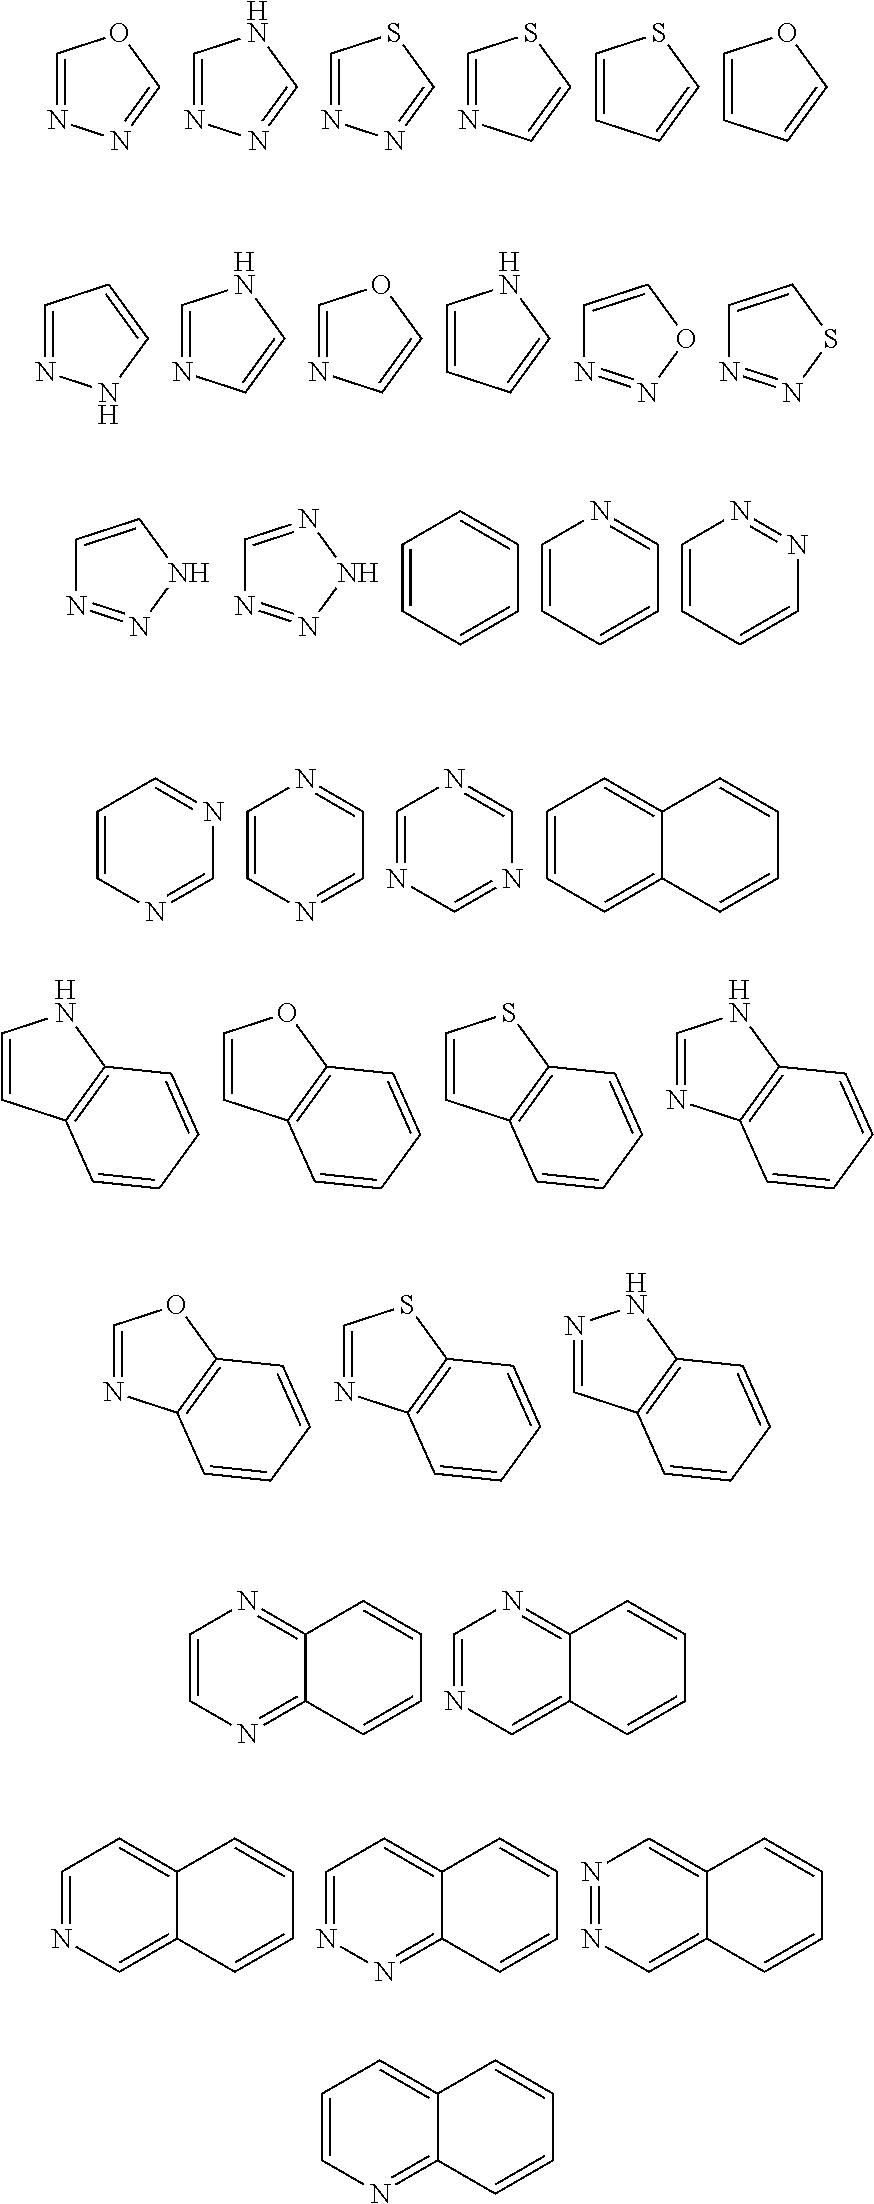 Figure US20180194792A1-20180712-C00018